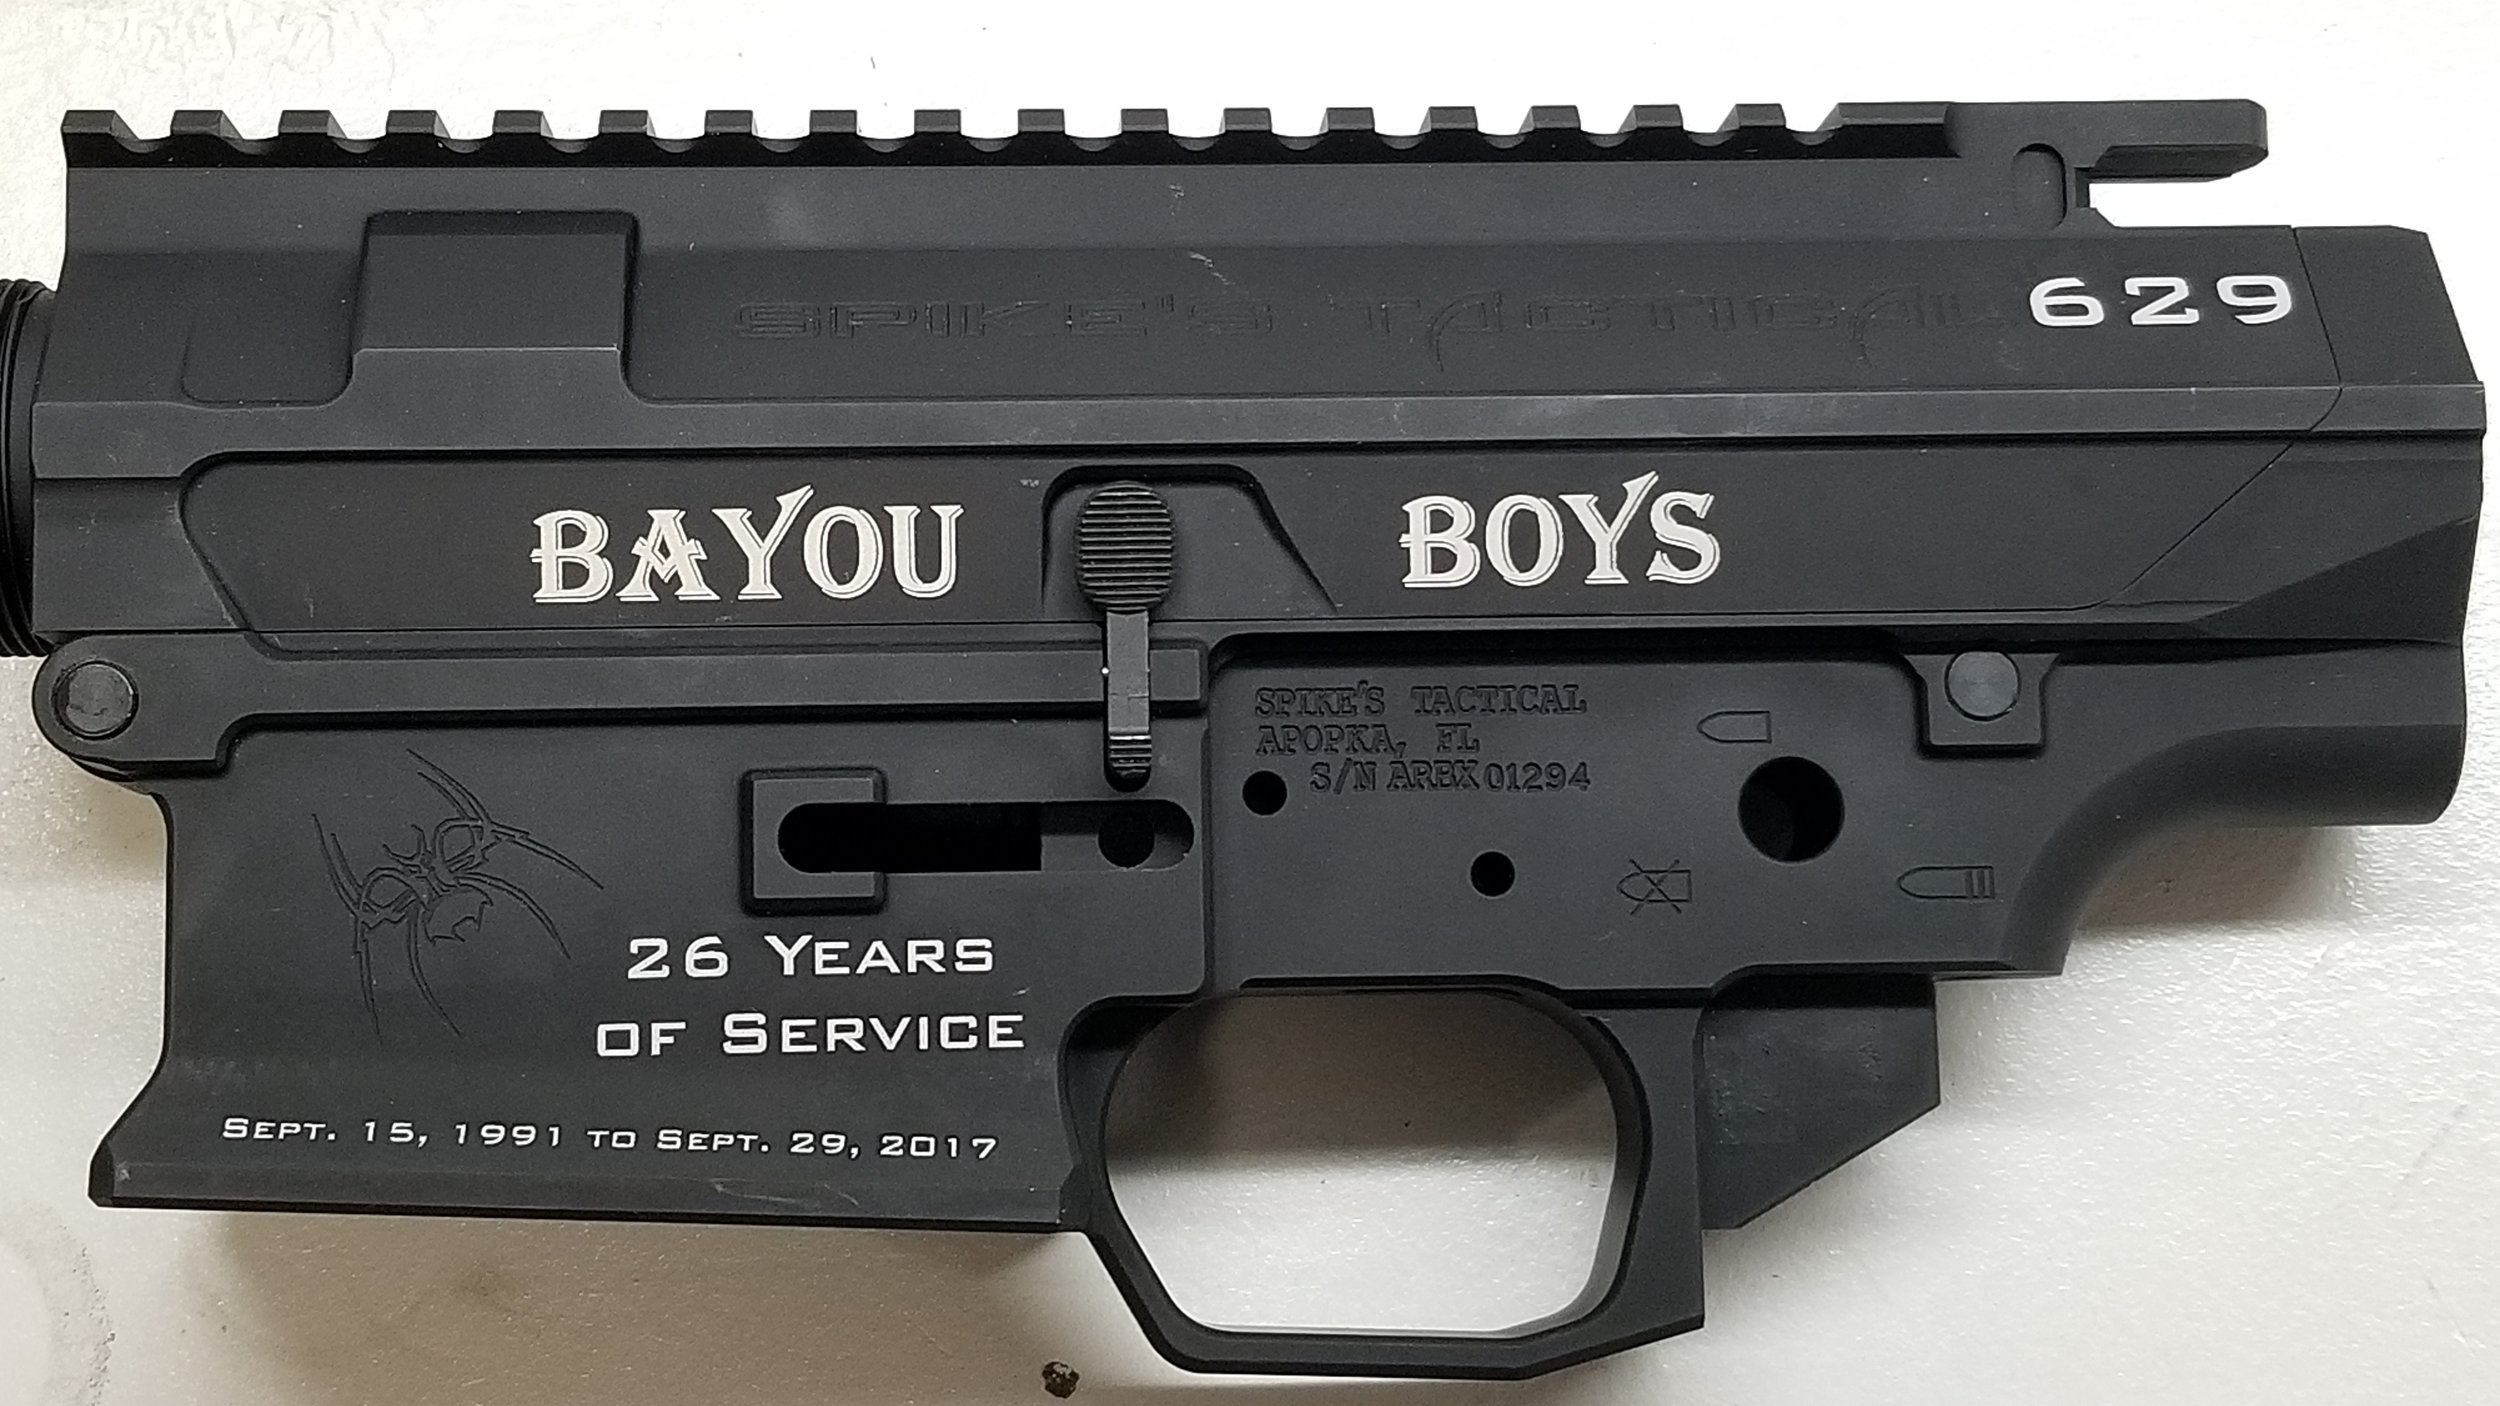 Custom Firearm Engraving - Personalized Firearms - Firearm Projects from Engrave It Houston